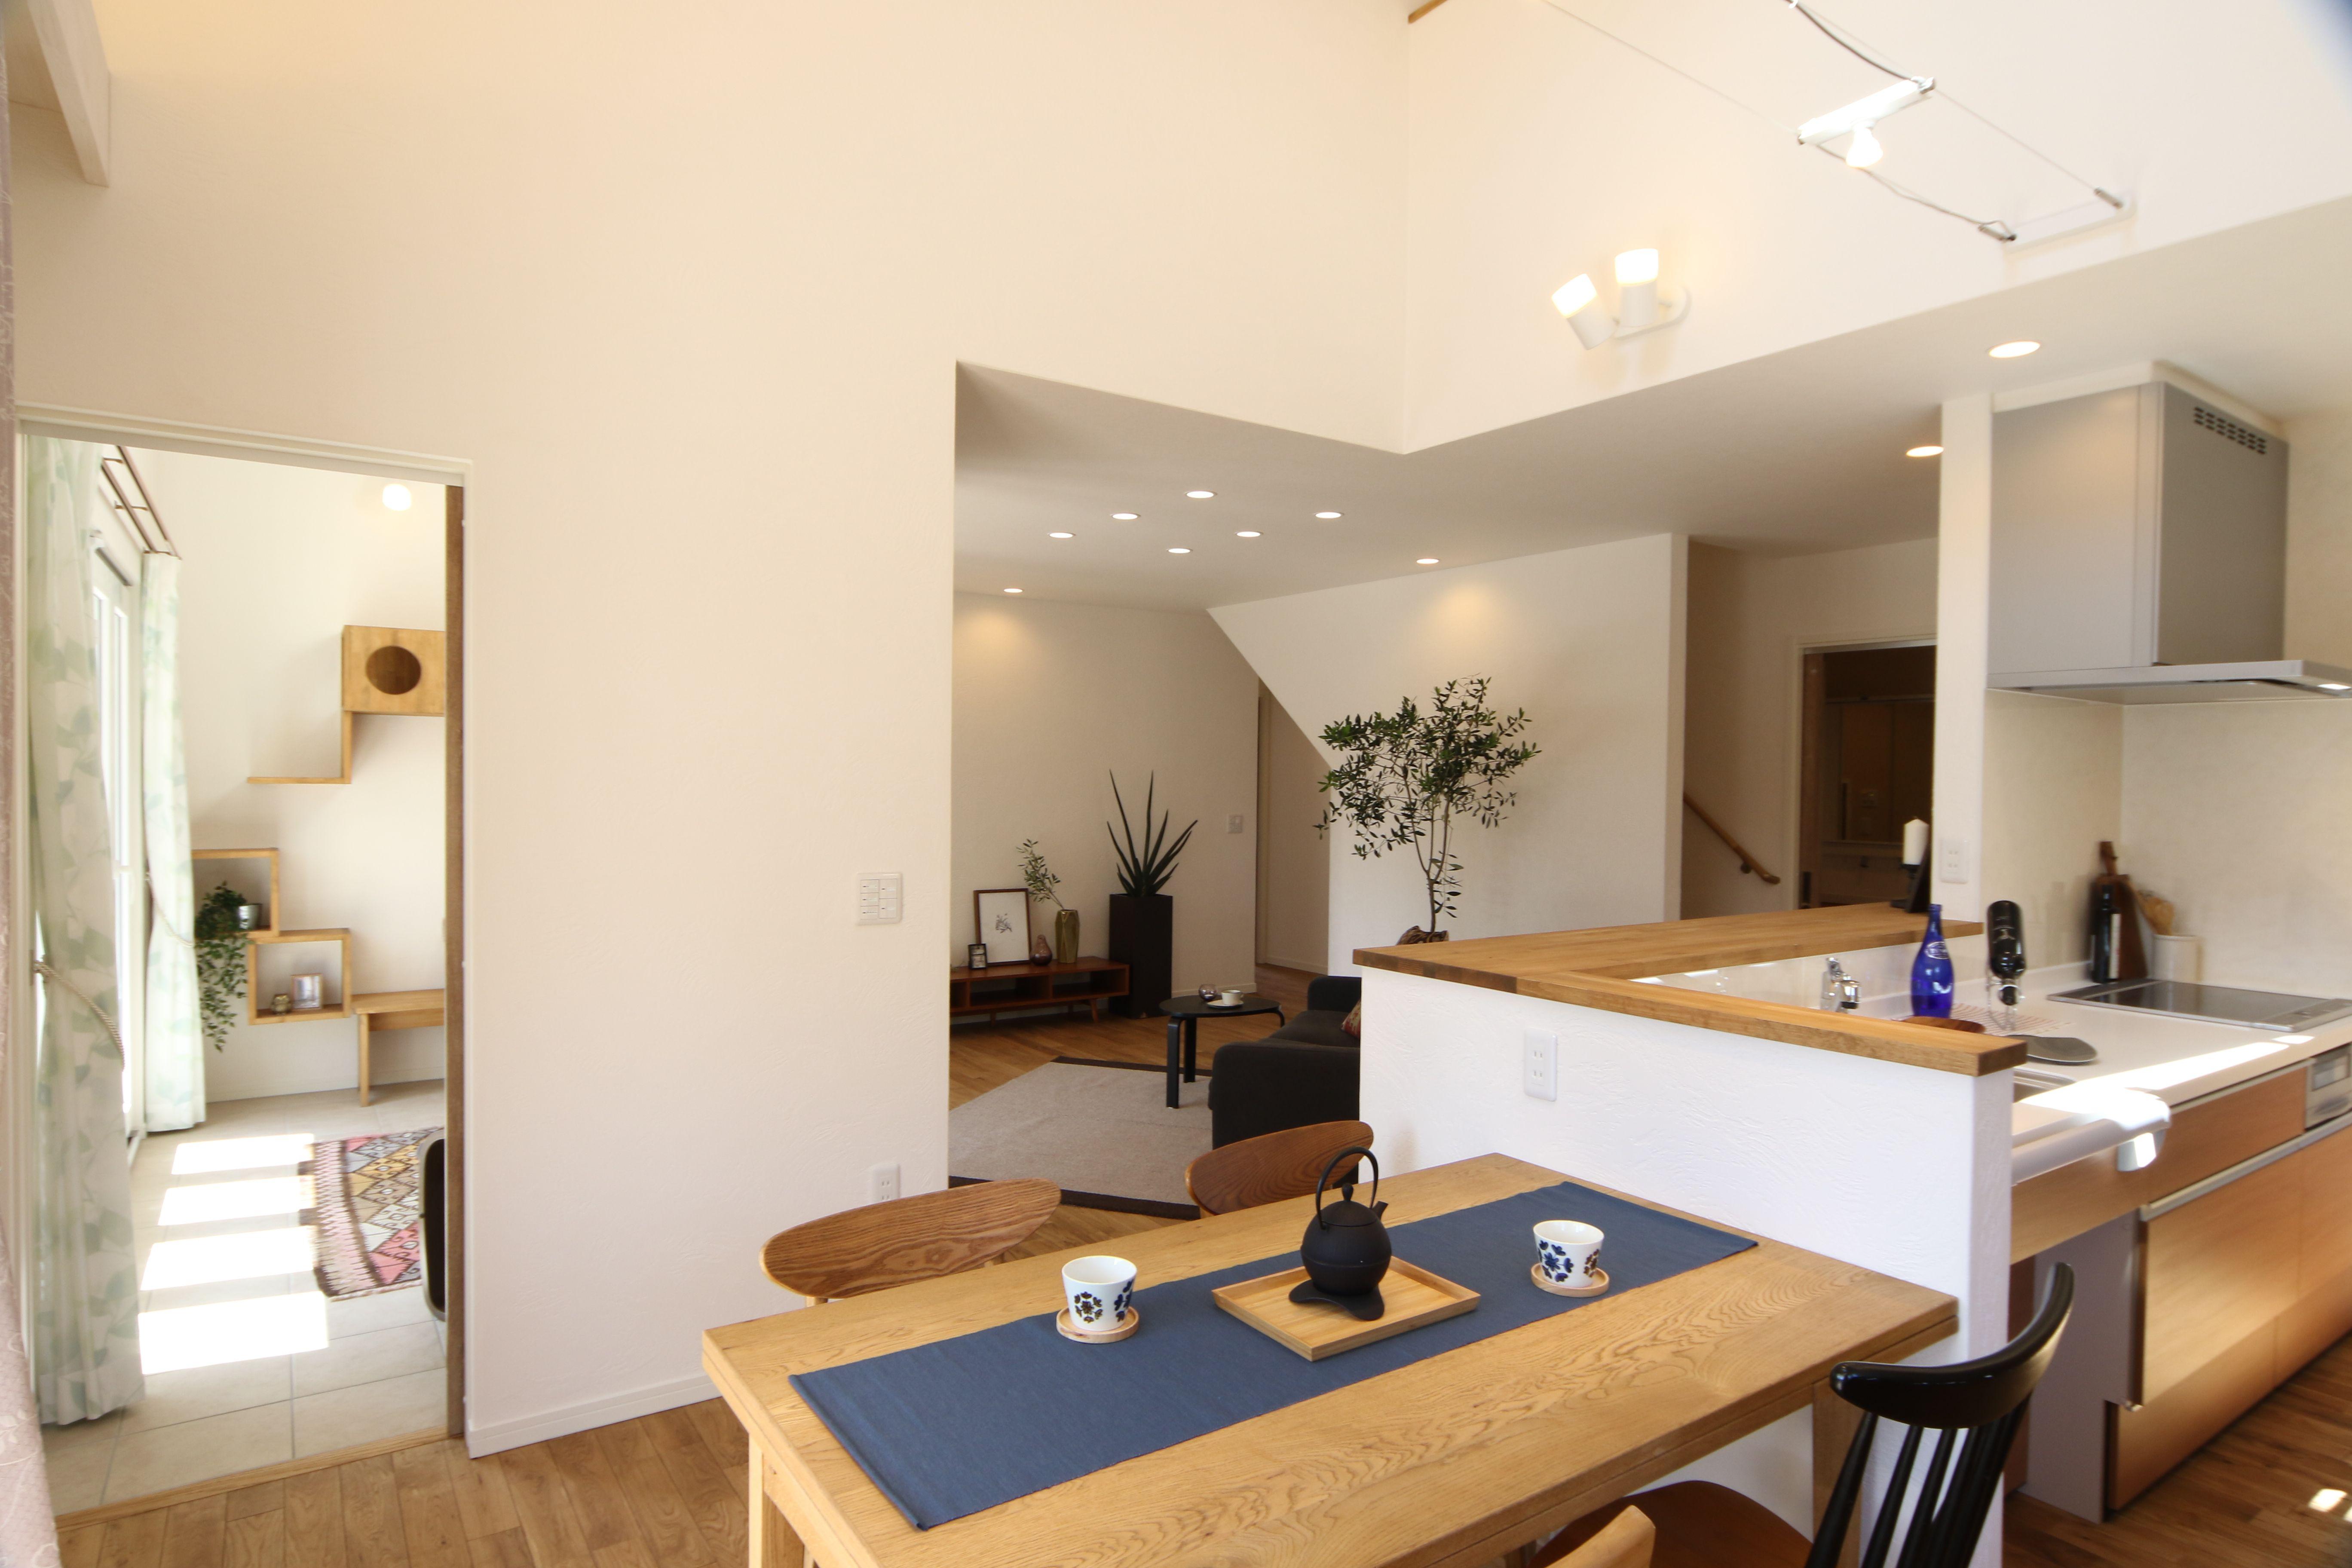 キャットタワーのある家 Daikyohome 2021 自宅で 家 漆喰の家